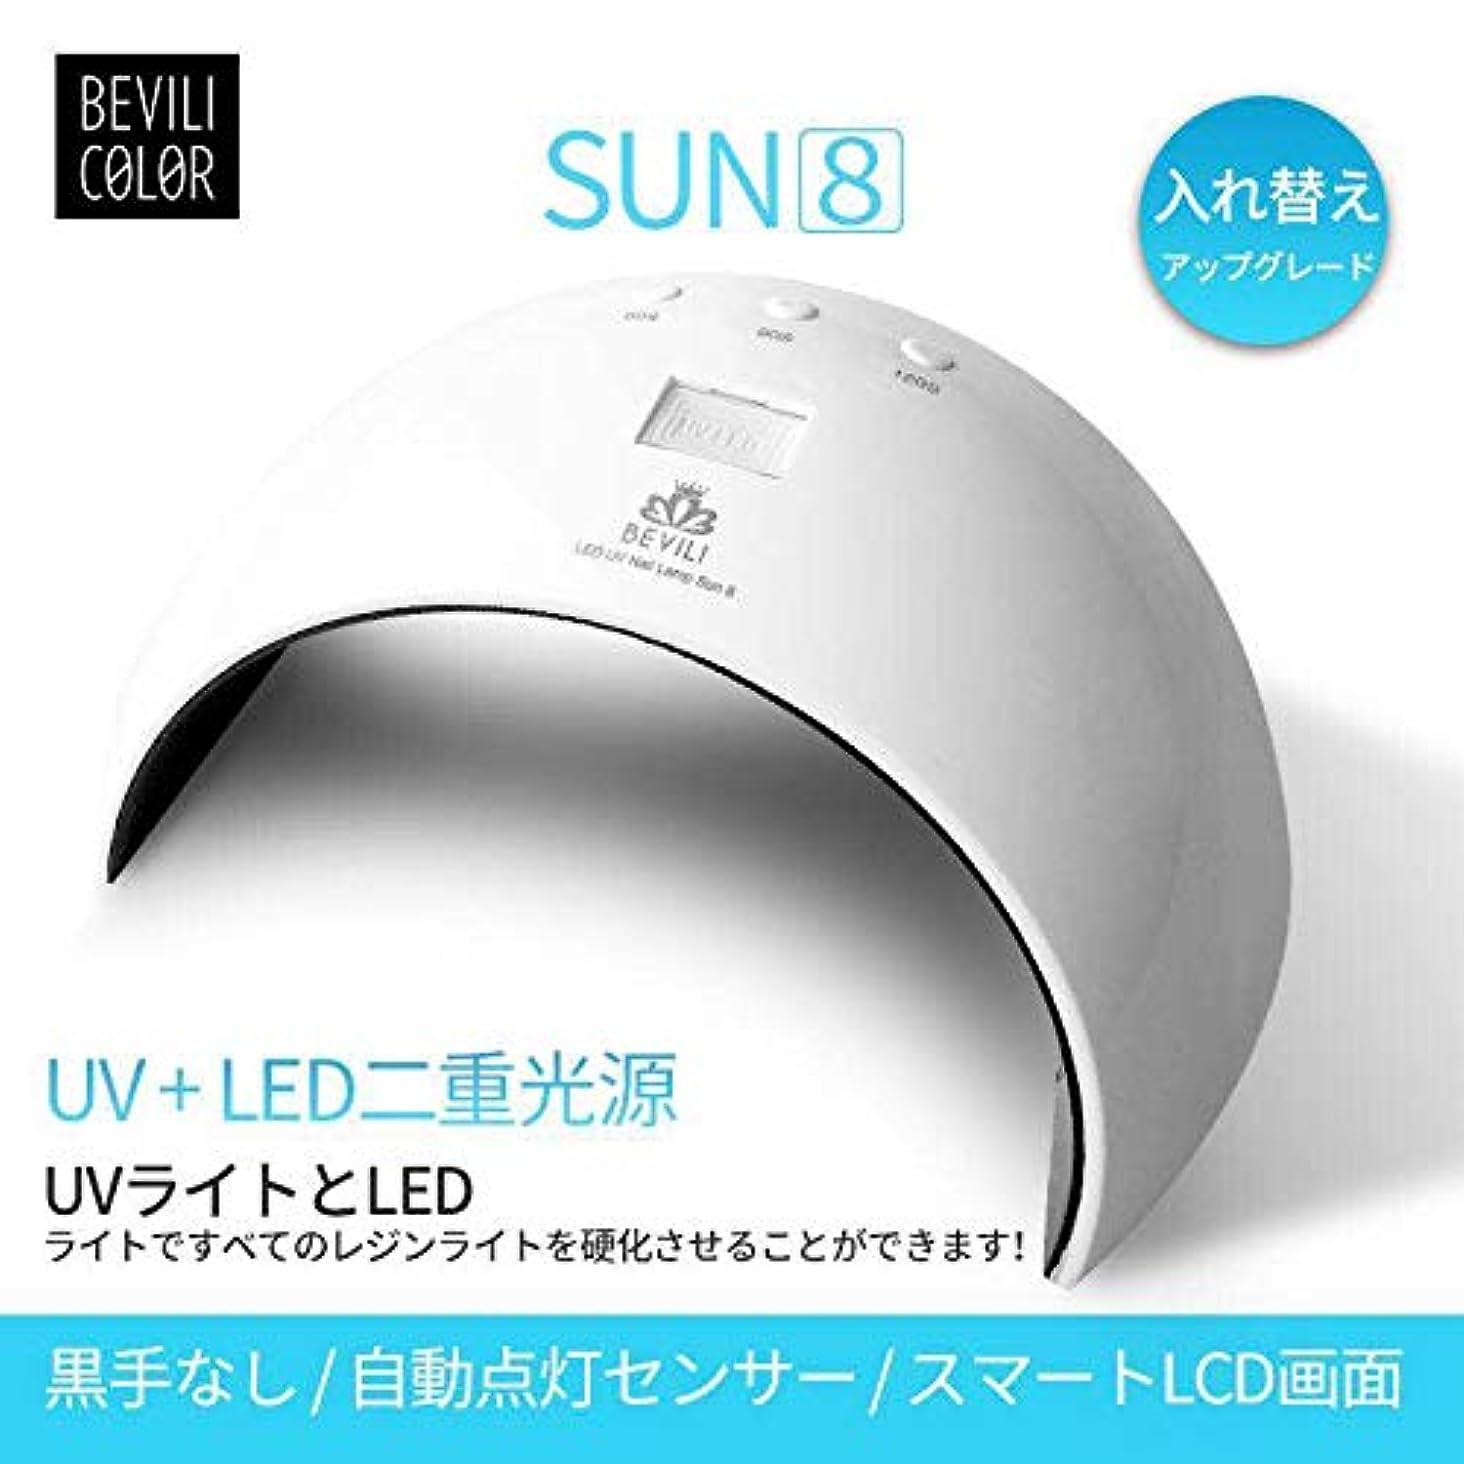 雷雨件名癒すUV LEDネイルドライヤー 人感センサー UVライト24W 180度照射 Laintran 三つタイマー設定可能 UV と LEDダブルライト ジェルネイル用 ホワイト (24W) (ホワイト)